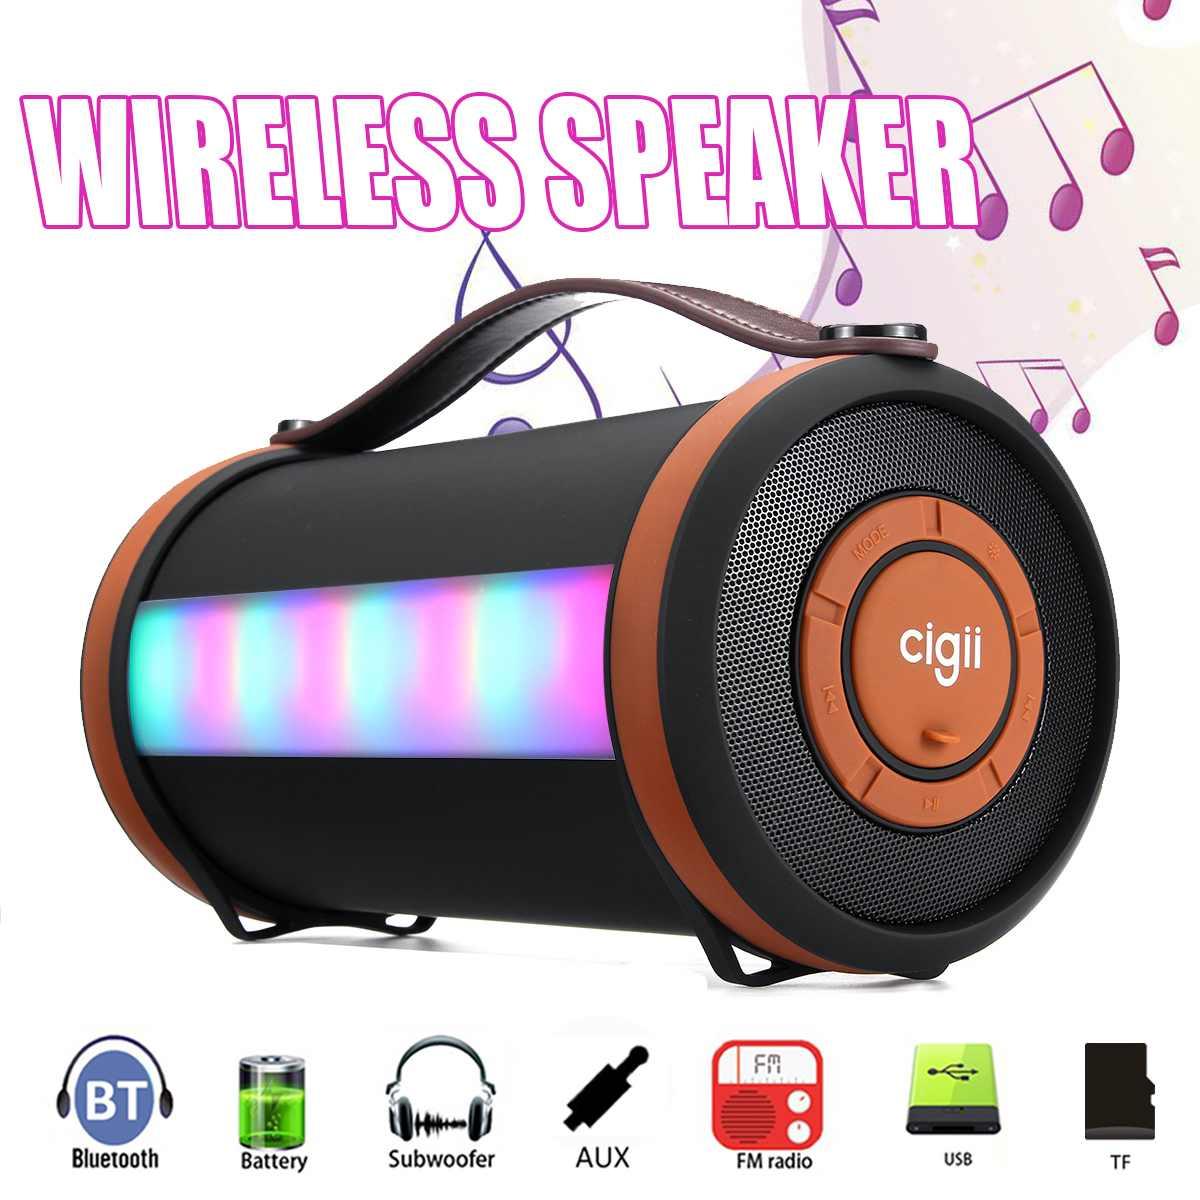 4''Tweeter sans fil LED haut-parleur bluetooth Portable stéréo basse Subwoofer rvb lumières haut-parleurs pour PC USB AUX TF haut-parleur extérieur